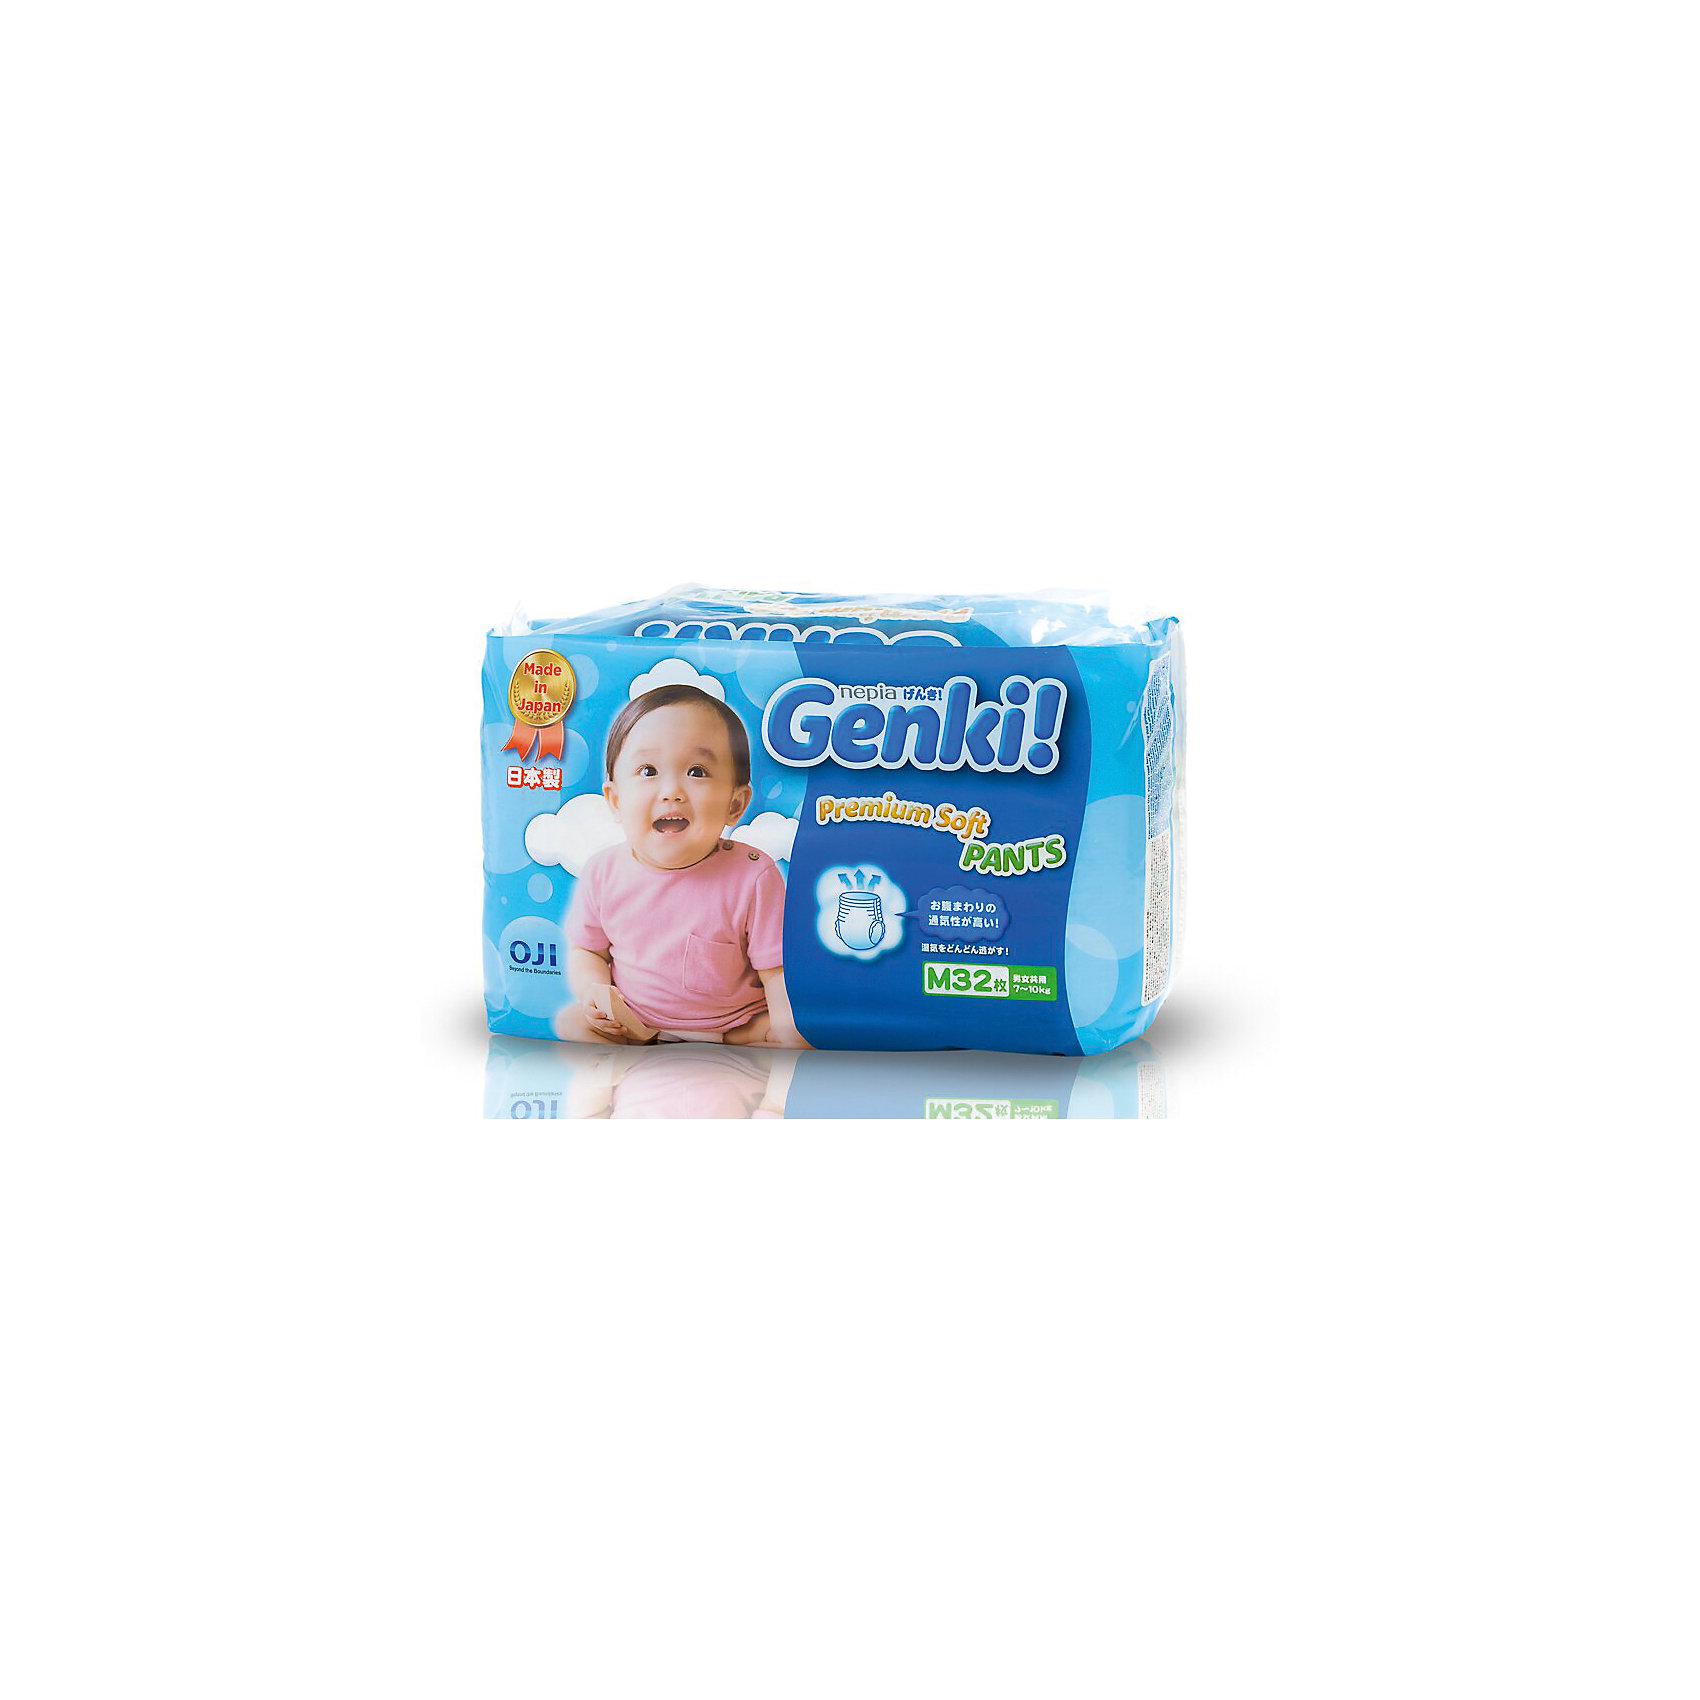 Трусики Nepia Genki,7-10 кг., размер M, 32 шт., GenkiТрусики-подгузники<br>Характеристики:<br><br>• вес ребенка: 7-10 кг;<br>• размер: M;<br>• дышащая поверхность внешней и внутренней стороны;<br>• эластичный поясок;<br>• индикатор влаги находится снаружи;<br>• материал: мягкий хлопок, натуральный каучук;<br>• количество в упаковке: 32 шт.<br><br>Японские дышащие гипоаллергенные трусики Genki подходят для чувствительной кожи. Эластичный поясок не сдавливает животик. Индикаторы наполнения позволяют маме контролировать наполненность трусиков, не расстегивая липучки. Когда желтый цвет меняется на синий, это сигнализирует о наполненности трусиков следовательно, их пора менять. Трусики используются для сна, длительных прогулок, во время поездок. <br><br>Трусики Nepia Genki, 7-10 кг., размер M, 32 шт., Genki можно купить в нашем интернет-магазине.<br><br>Ширина мм: 150<br>Глубина мм: 320<br>Высота мм: 200<br>Вес г: 902<br>Возраст от месяцев: 3<br>Возраст до месяцев: 12<br>Пол: Унисекс<br>Возраст: Детский<br>SKU: 5504698